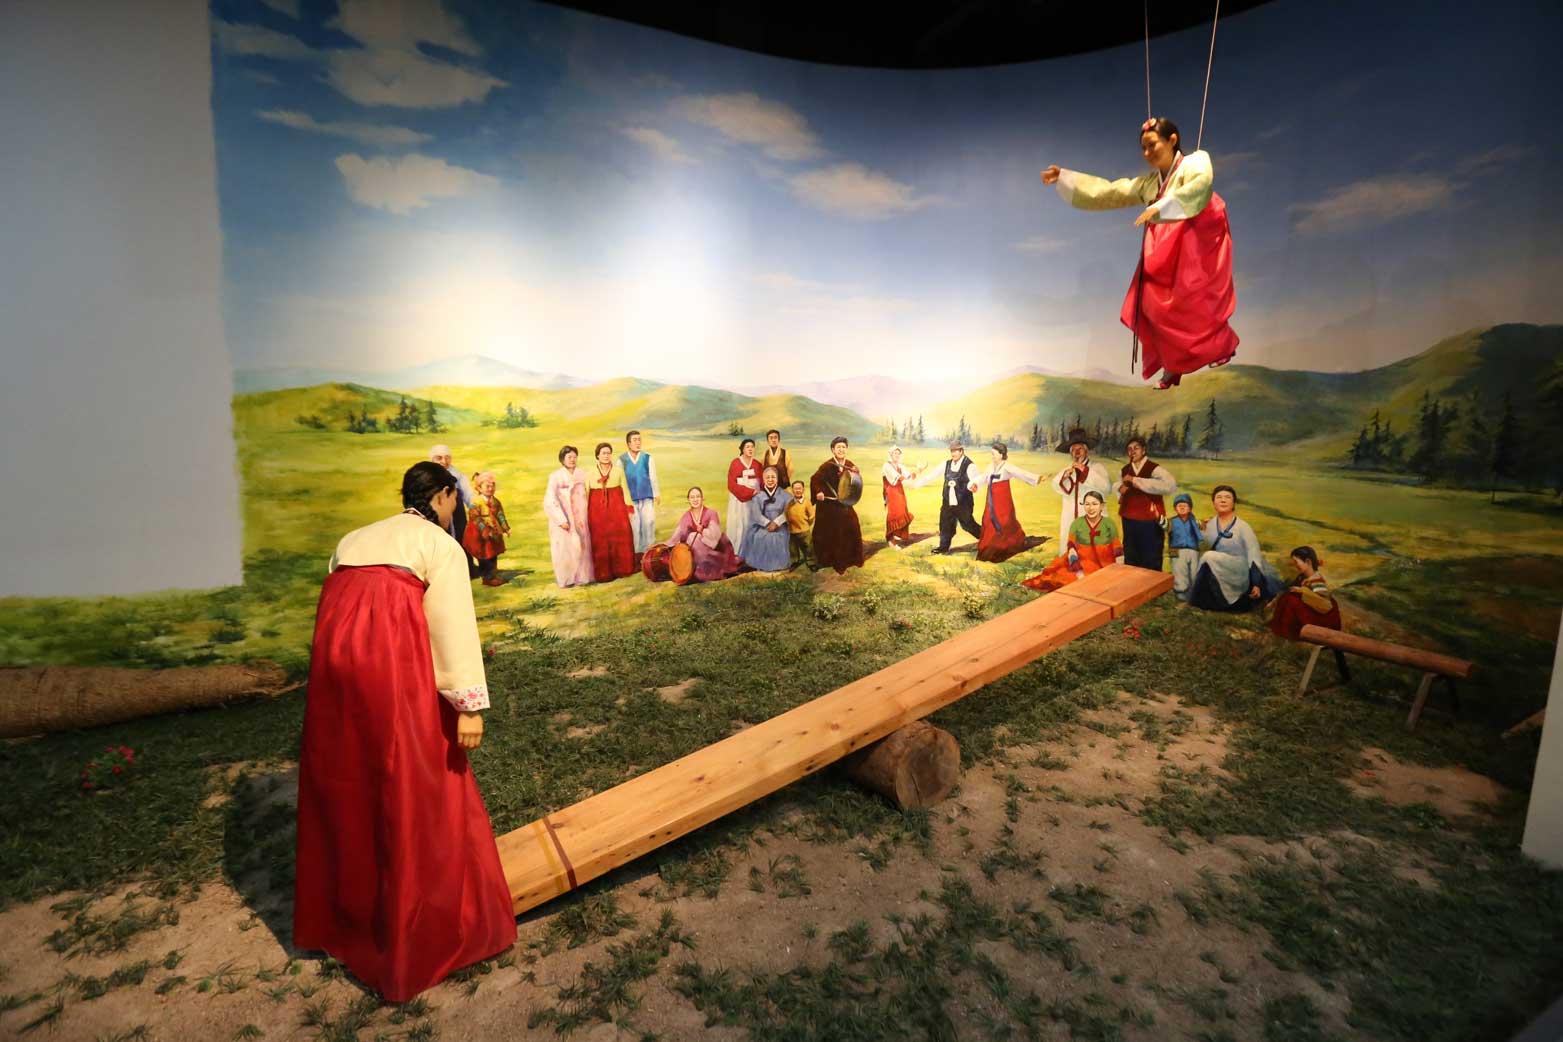 延辺朝鮮族自治州60周年にできた延辺博物館と朝鮮族の冷めた関係_b0235153_11291928.jpg